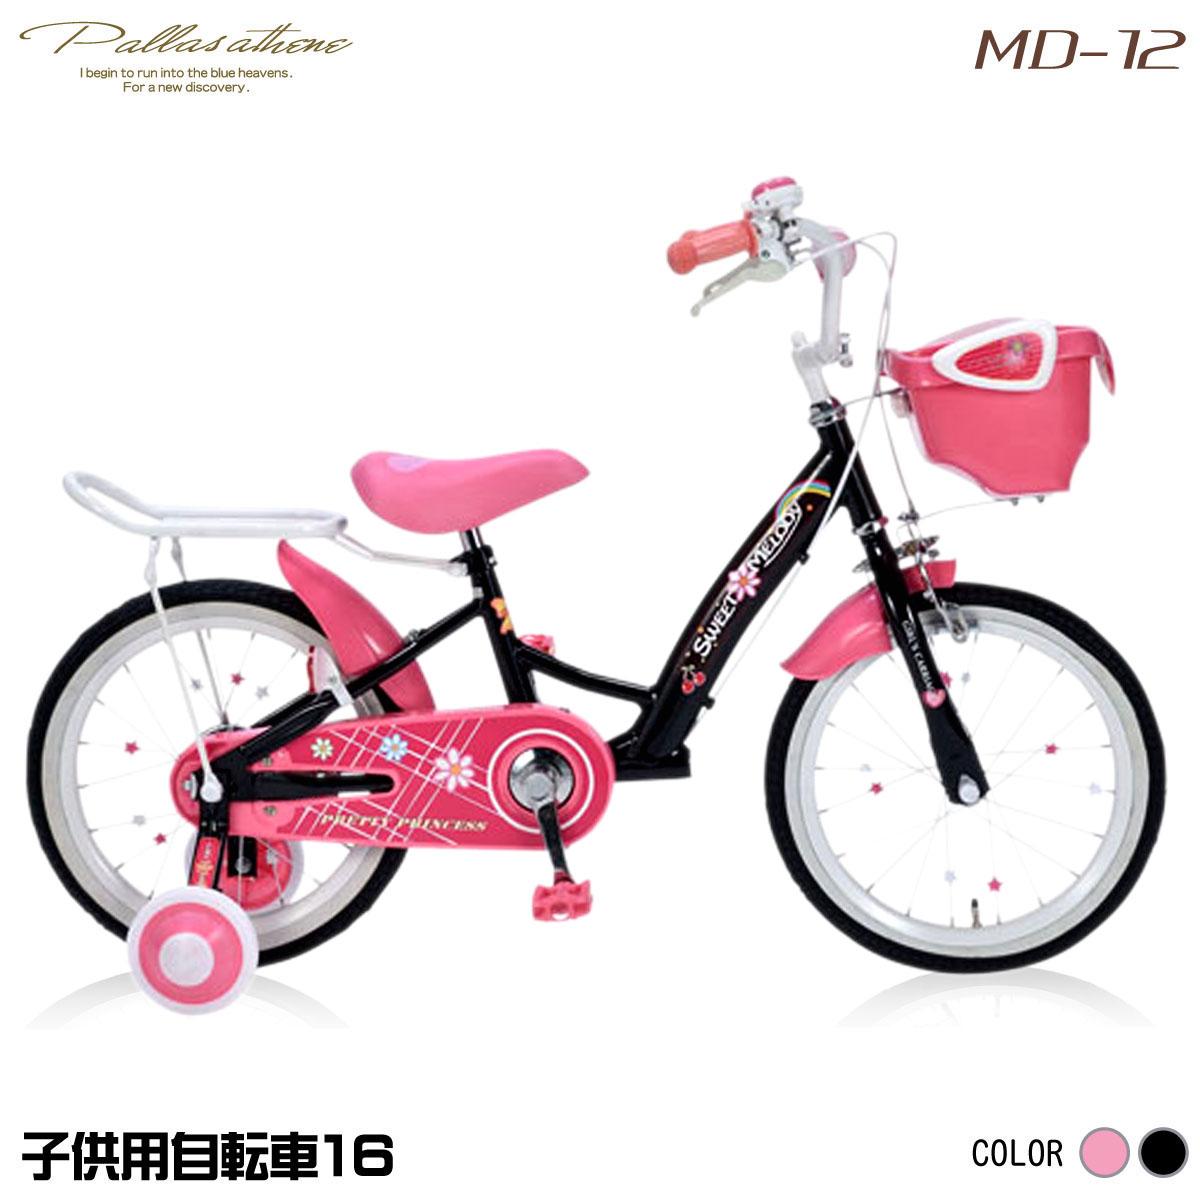 【送料無料】マイパラス MD-12 ブラック [子供用自転車(16インチ)補助輪付き]【同梱配送不可】【代引き不可】【本州以外配送不可】